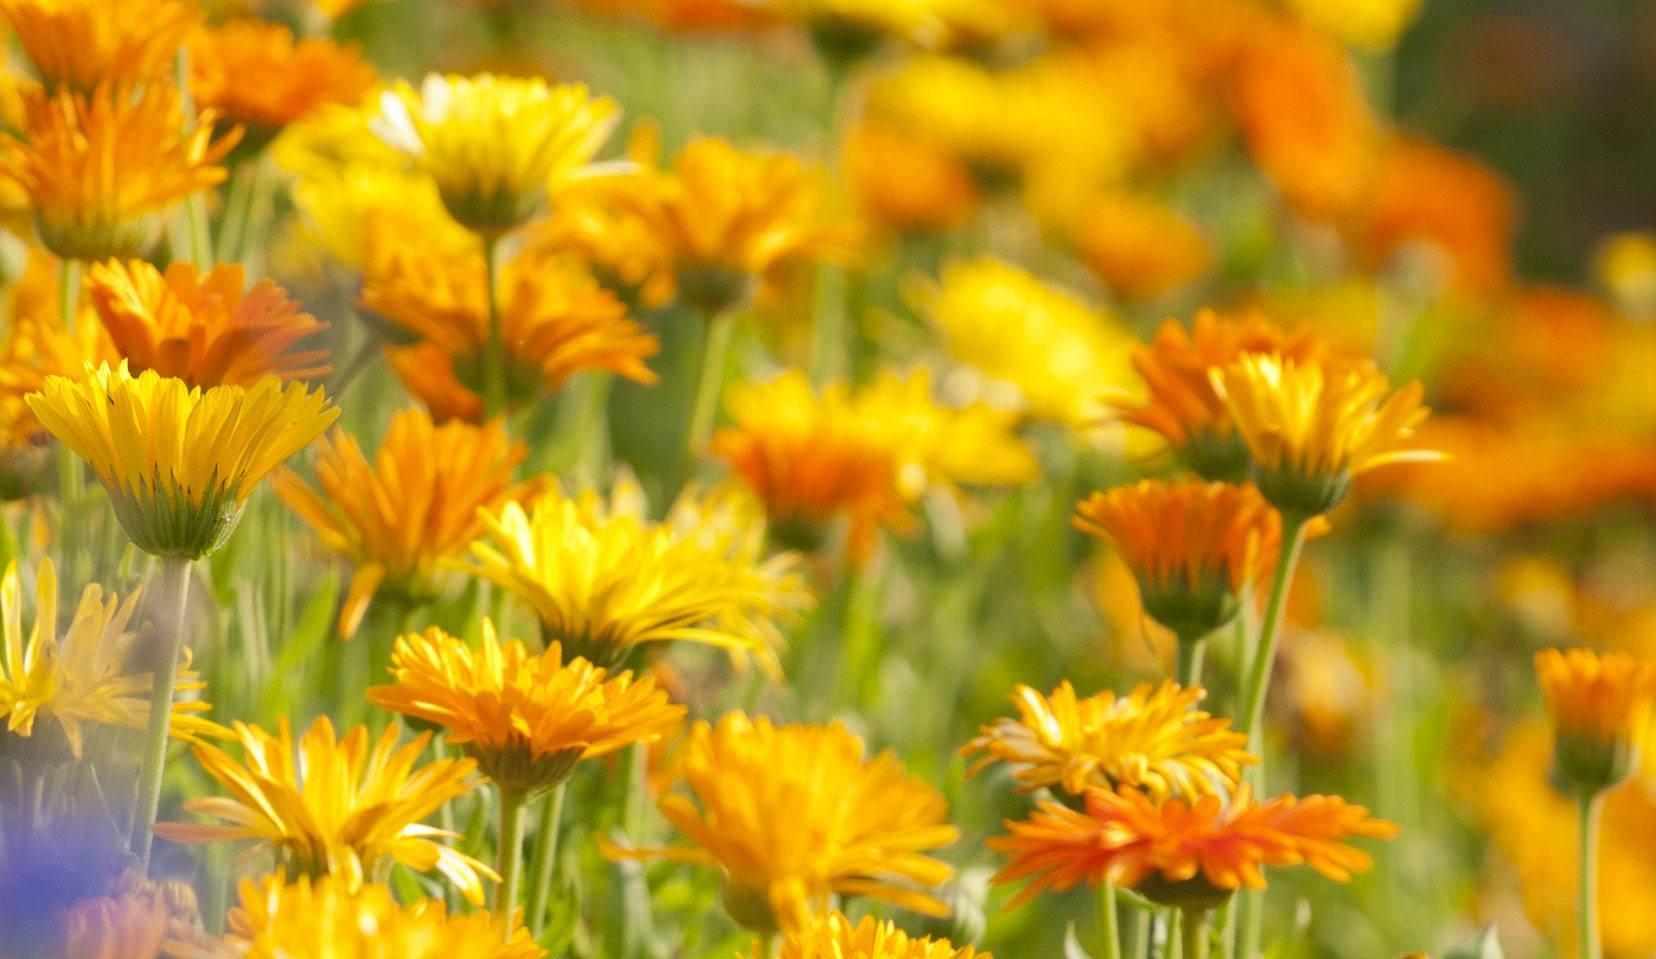 Astéracées : les propriétés des huiles essentielles par famille botanique